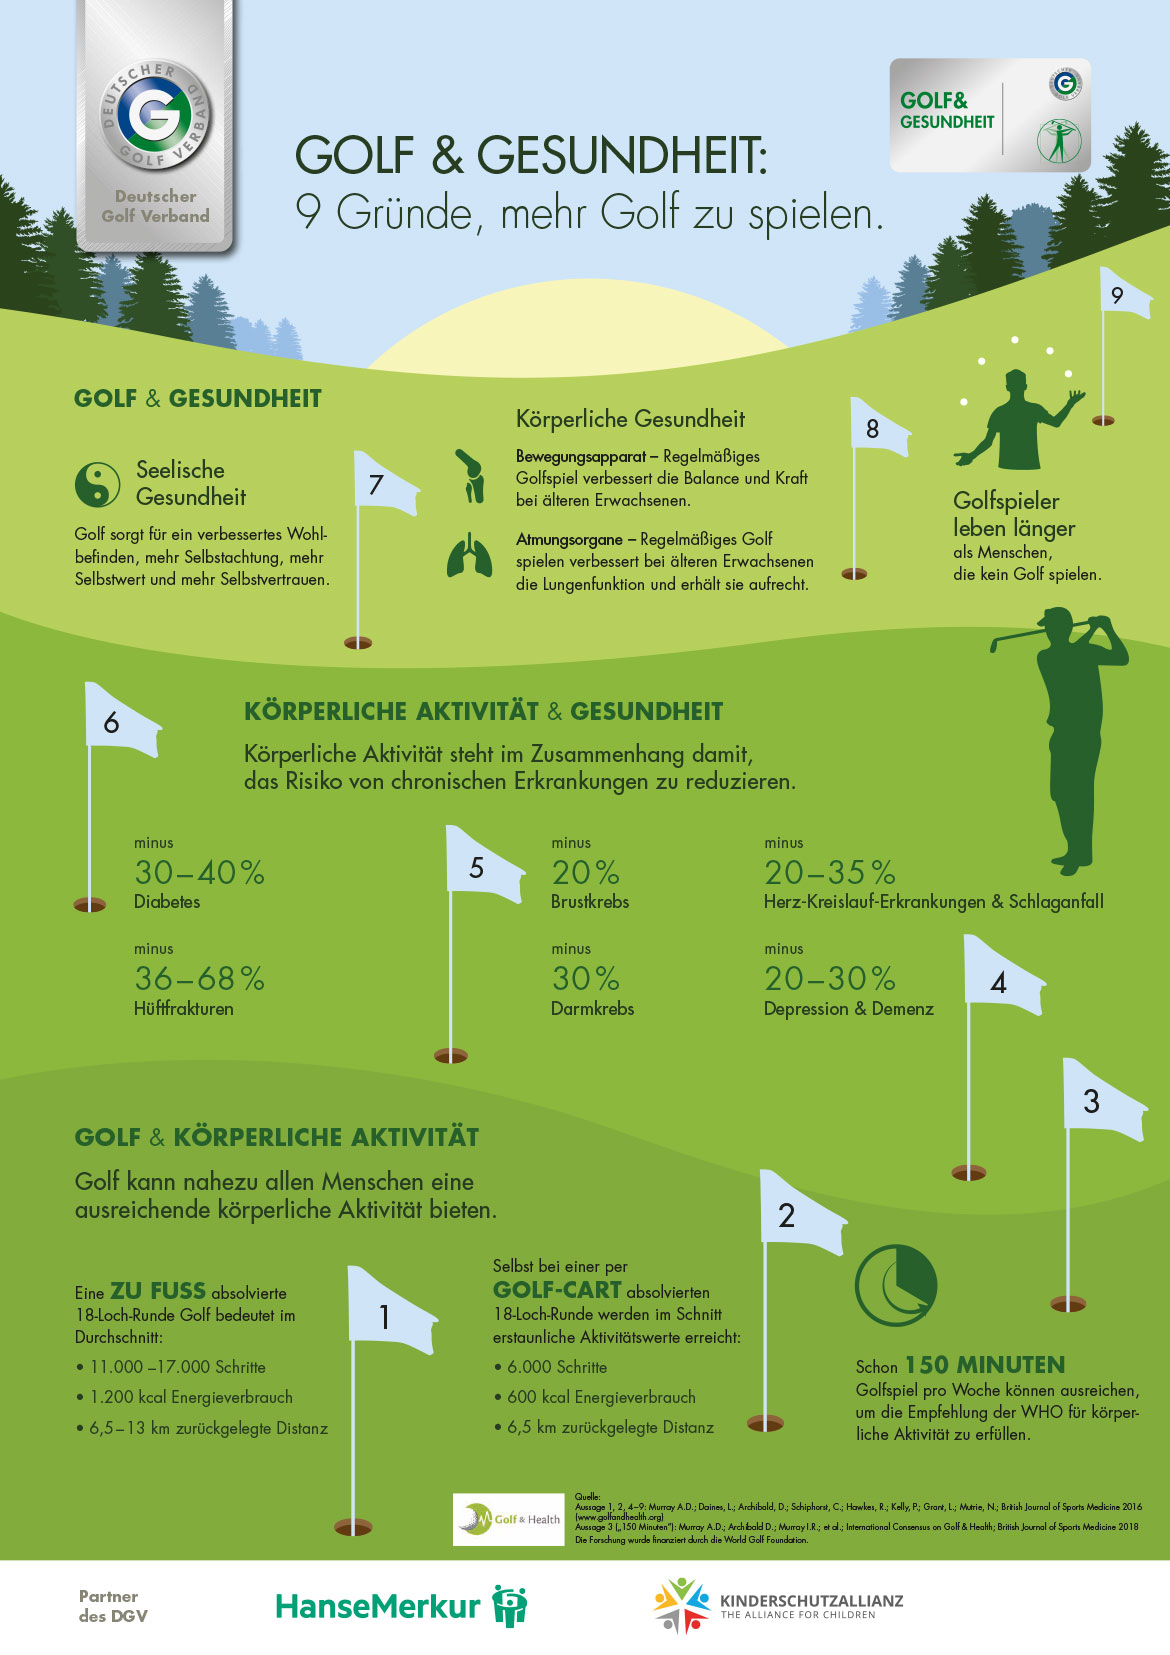 Golfclub Rheinhessen: Plakat Golf und Gesundheit